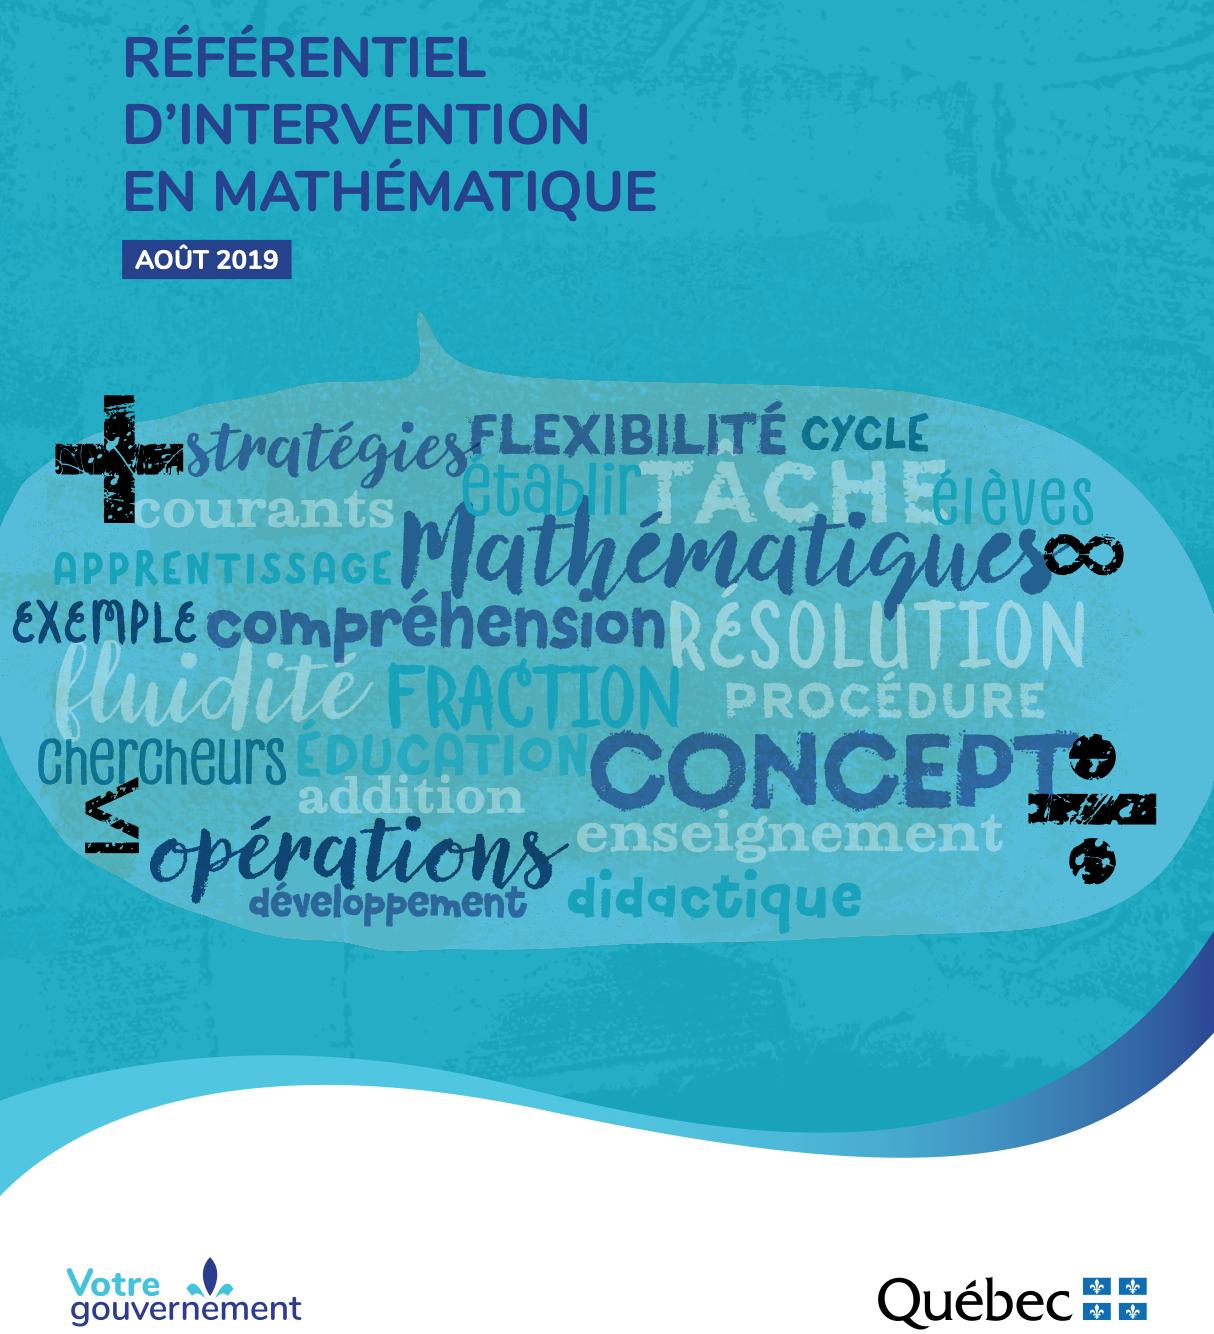 Référentiel d'intervention en mathématique